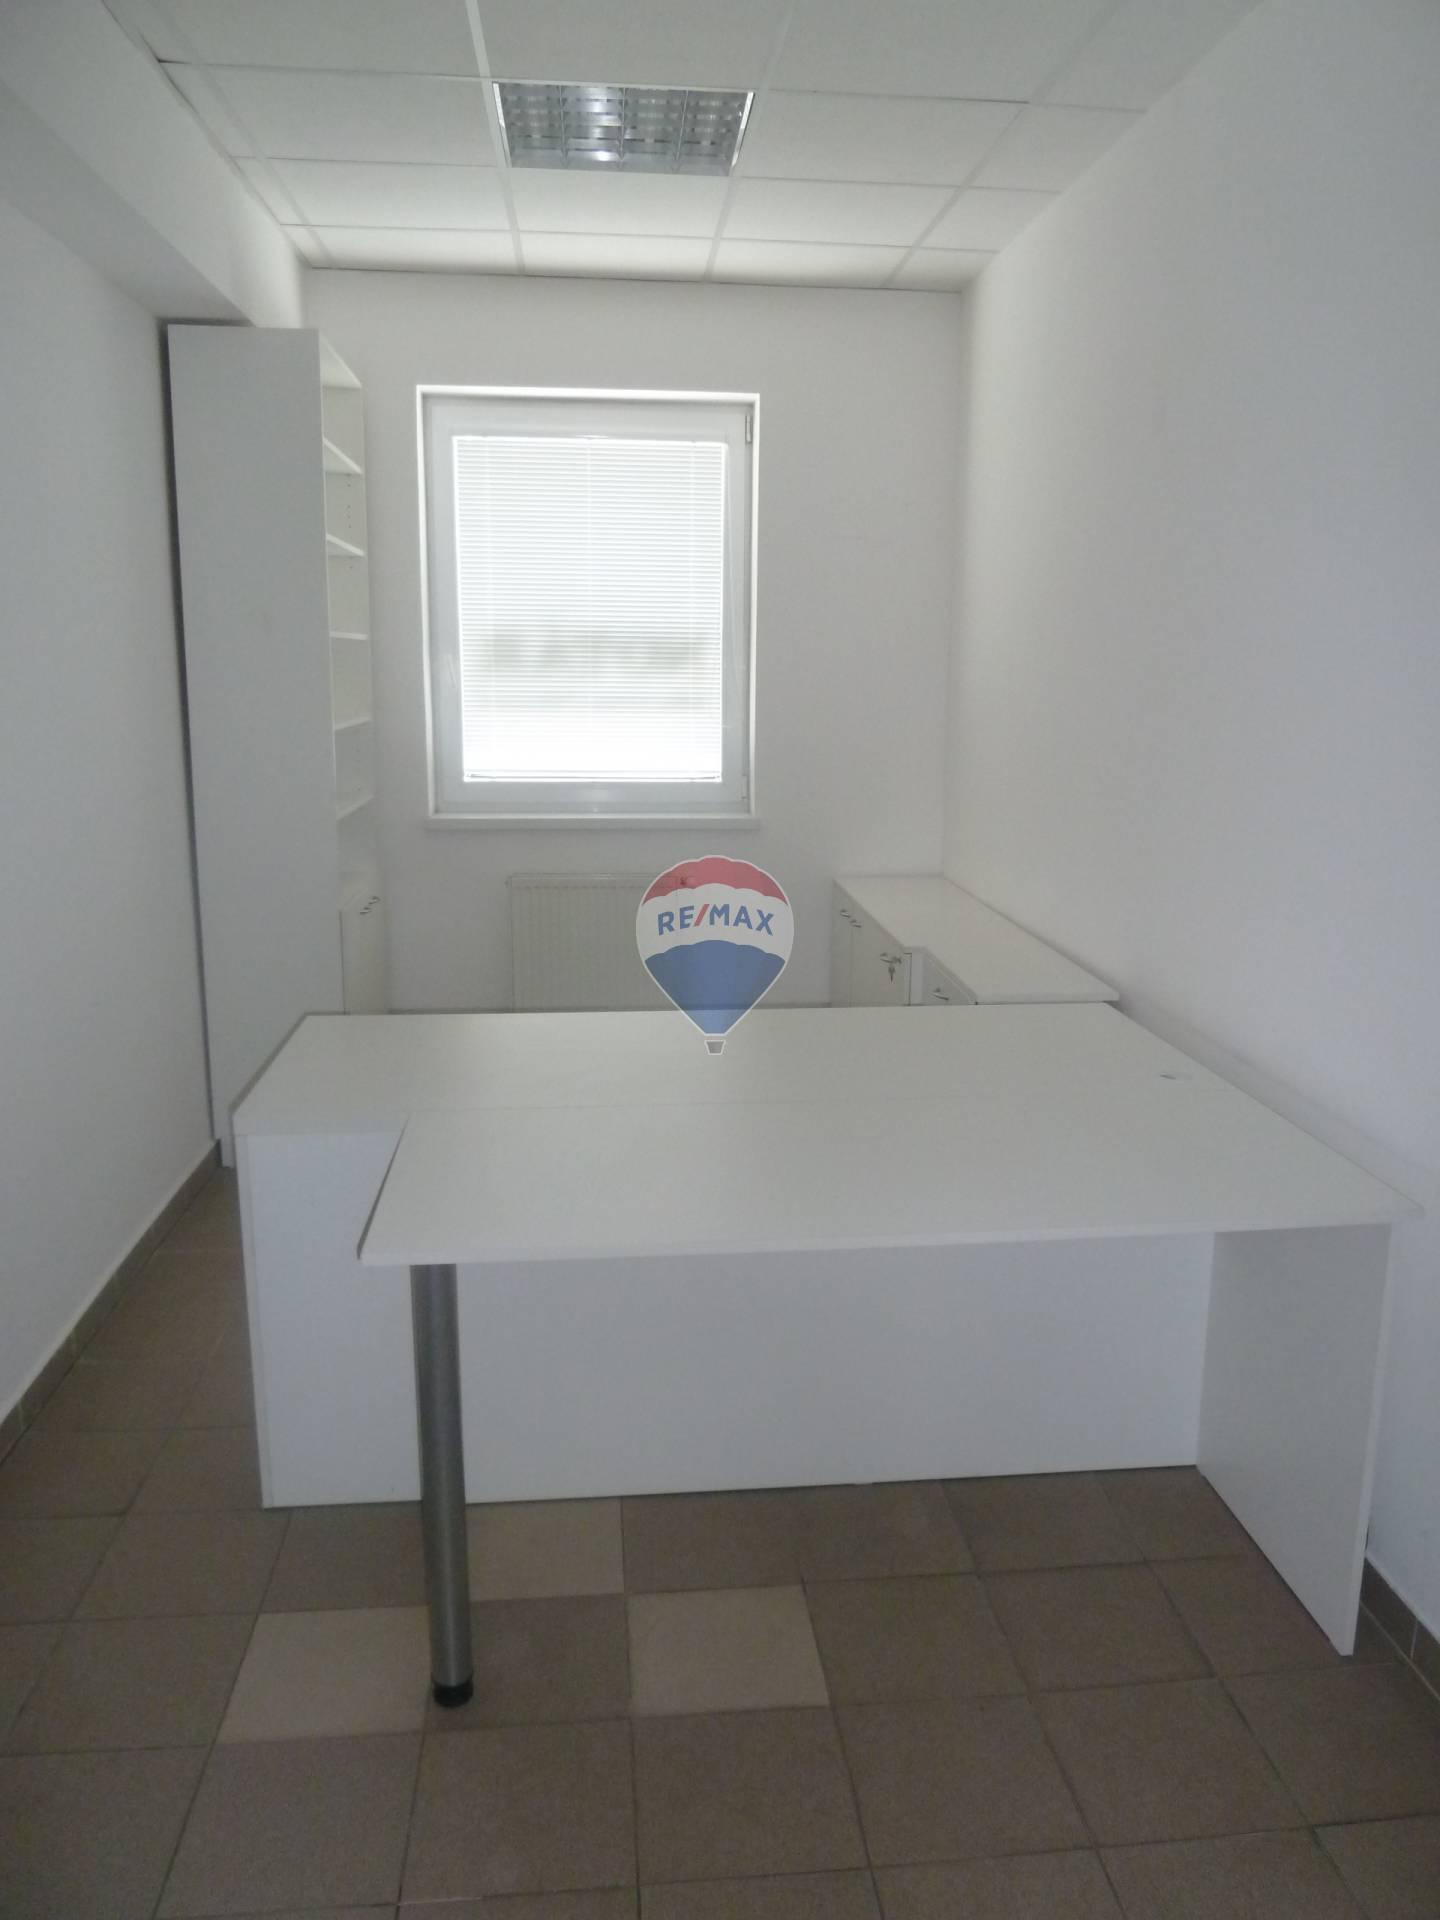 Prenájom komerčného priestoru 14 m2, Bánovce nad Bebravou - prenájom kancelárske priestory Bánovce nad Bebravou